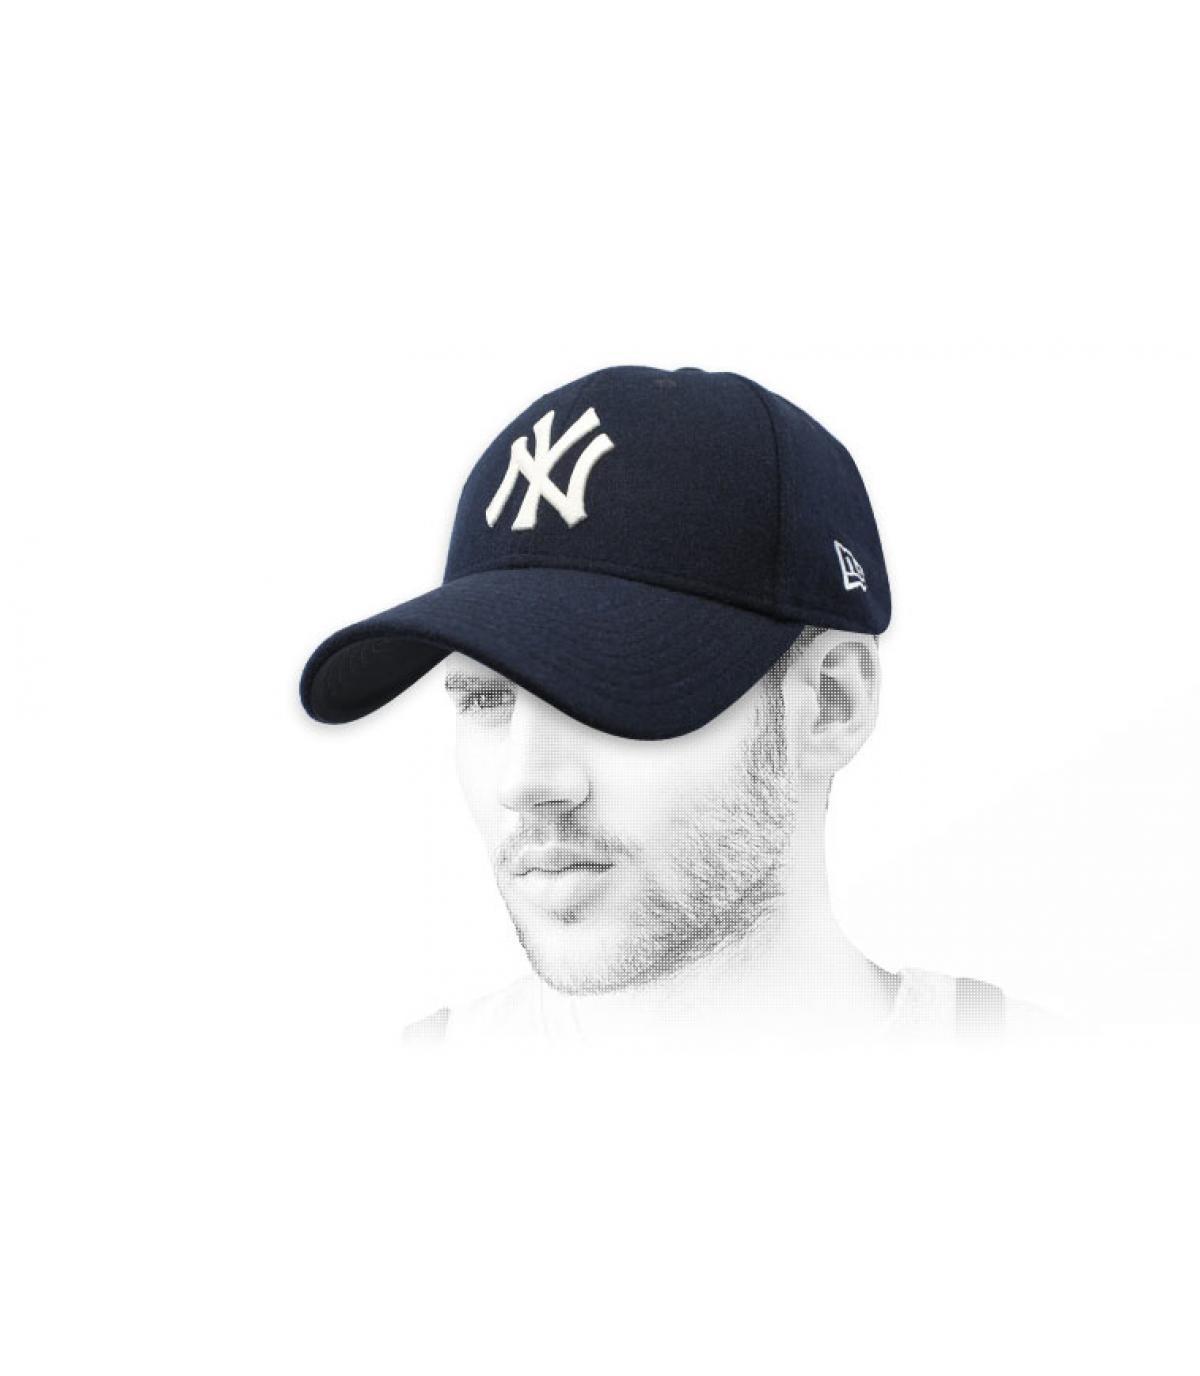 gorra NY azul lana